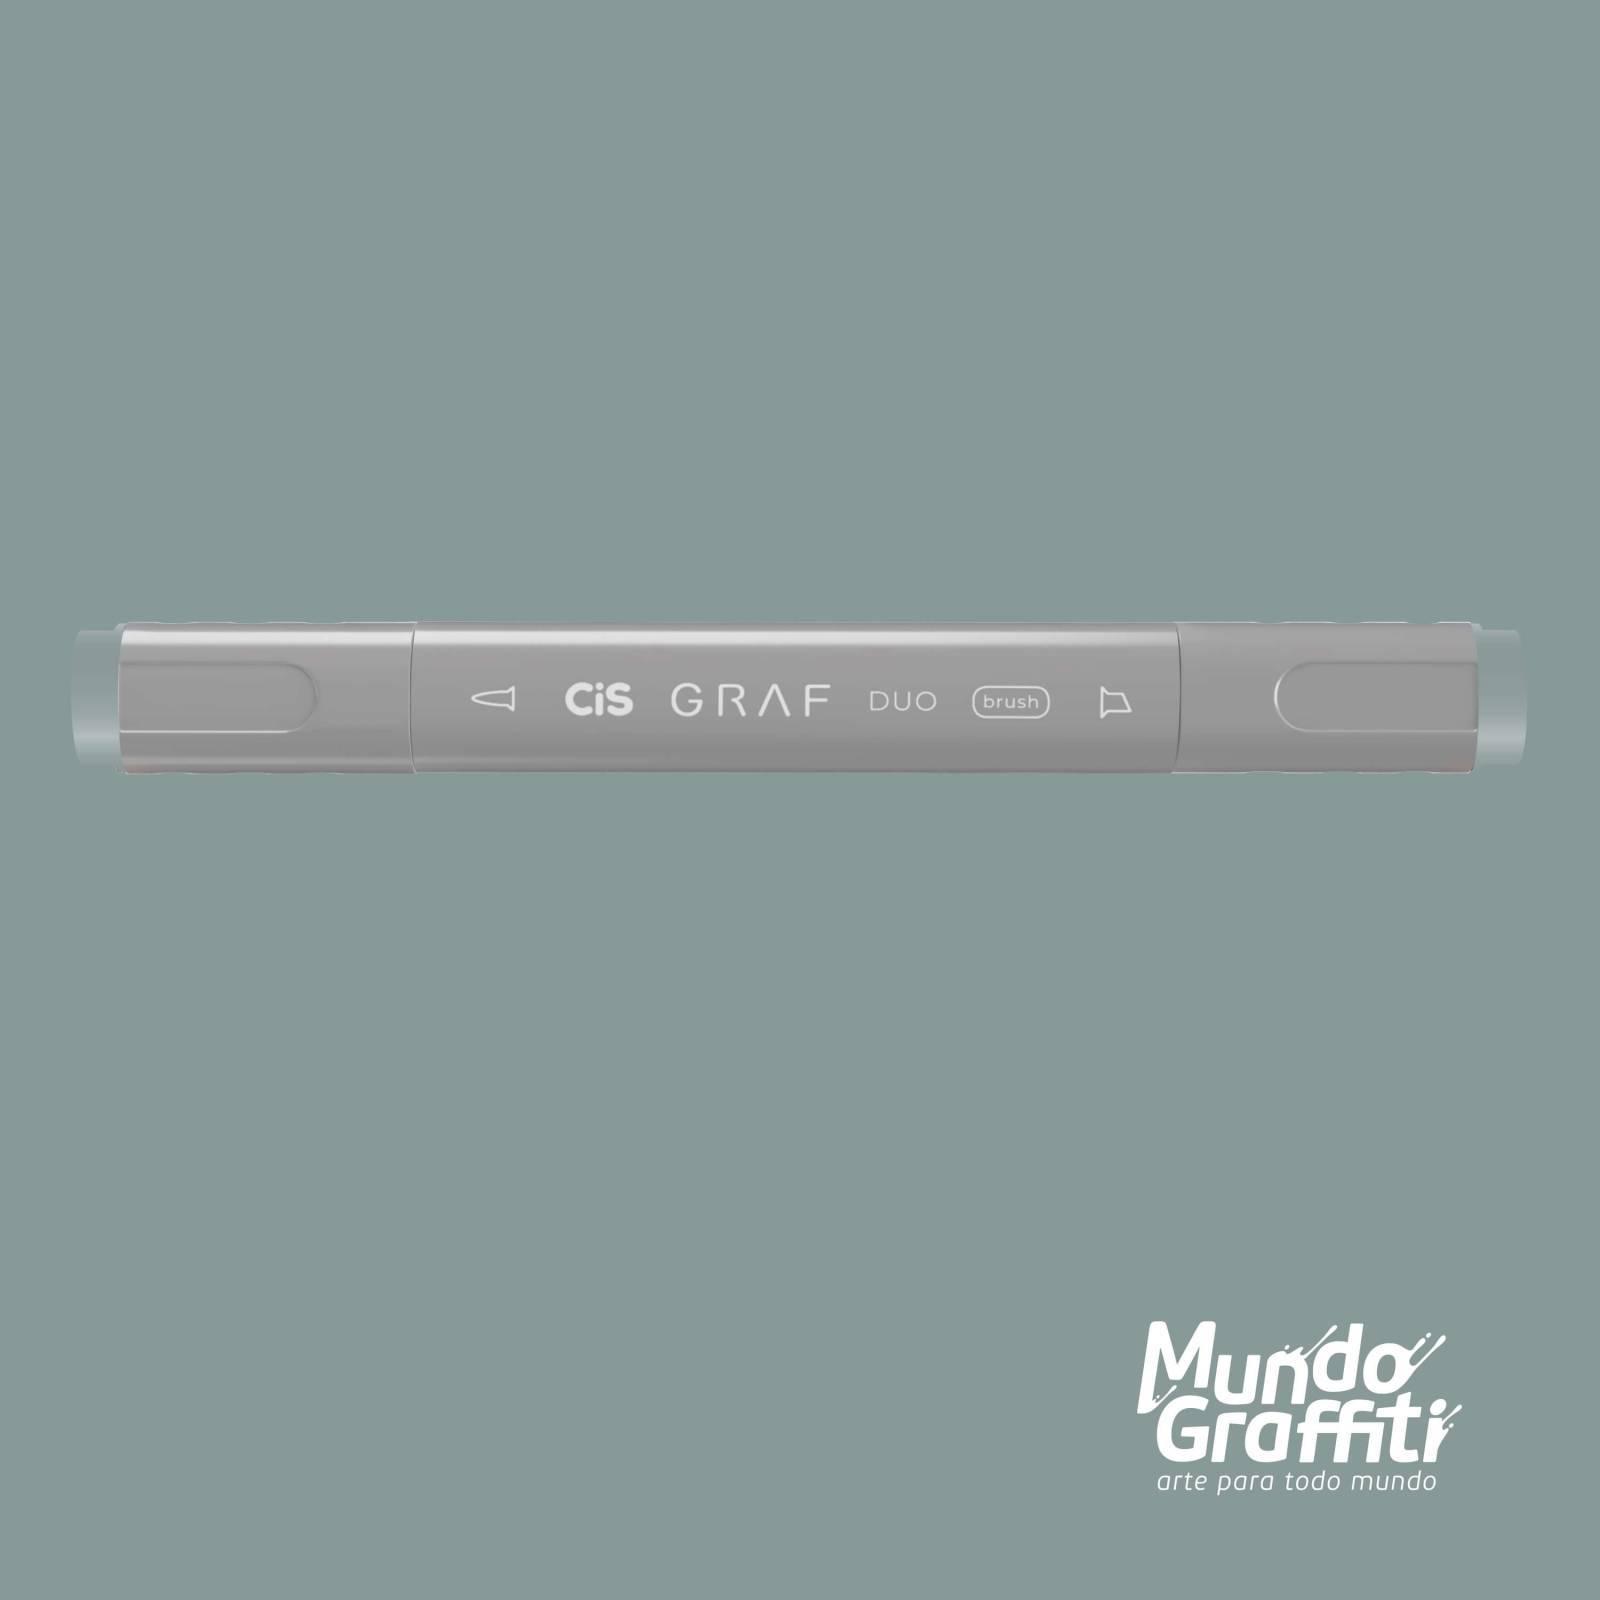 Marcador Cis Graf Duo Brush BG1 Blue Grey - Mundo Graffiti